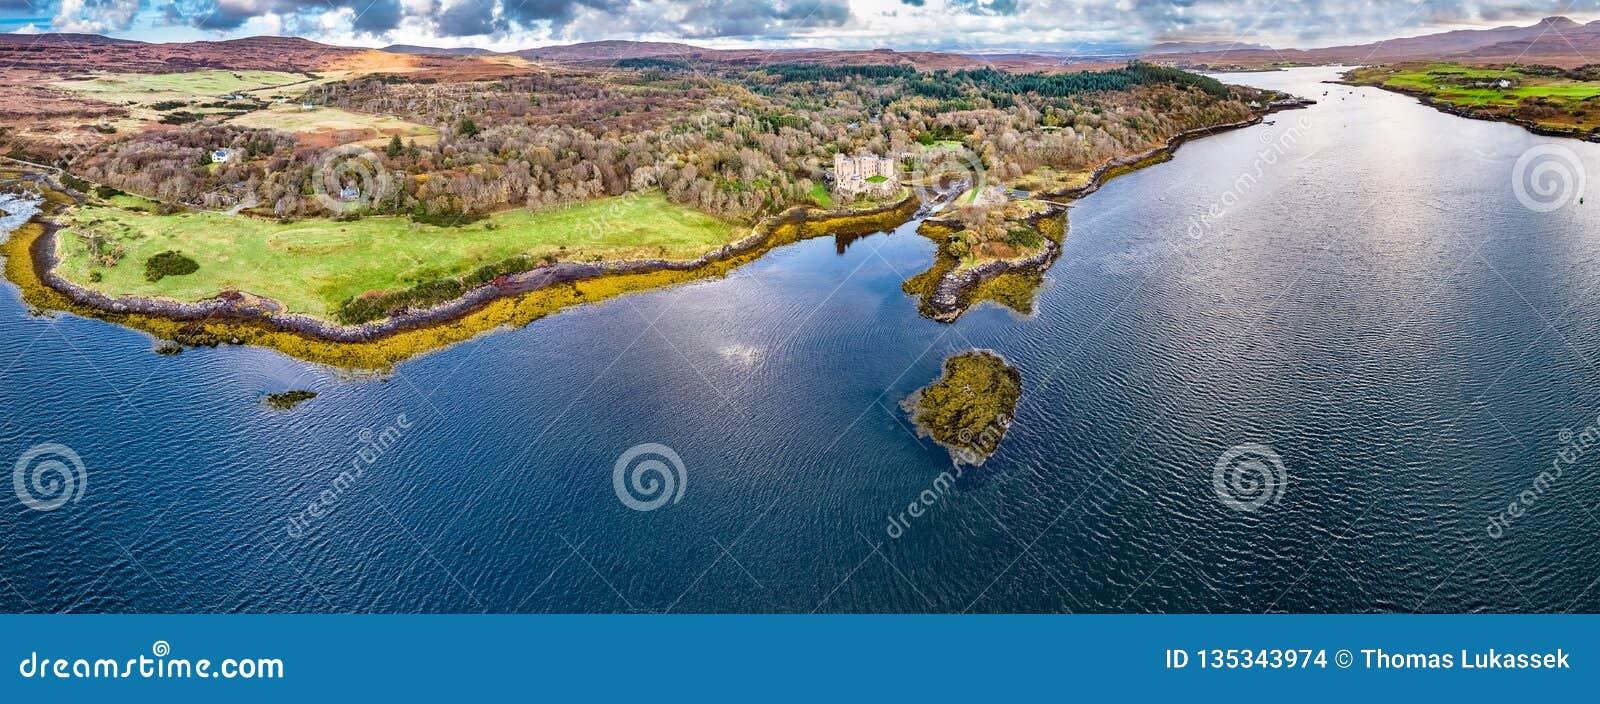 Opinião aérea do outono do castelo de Dunvegan, ilha de Skye